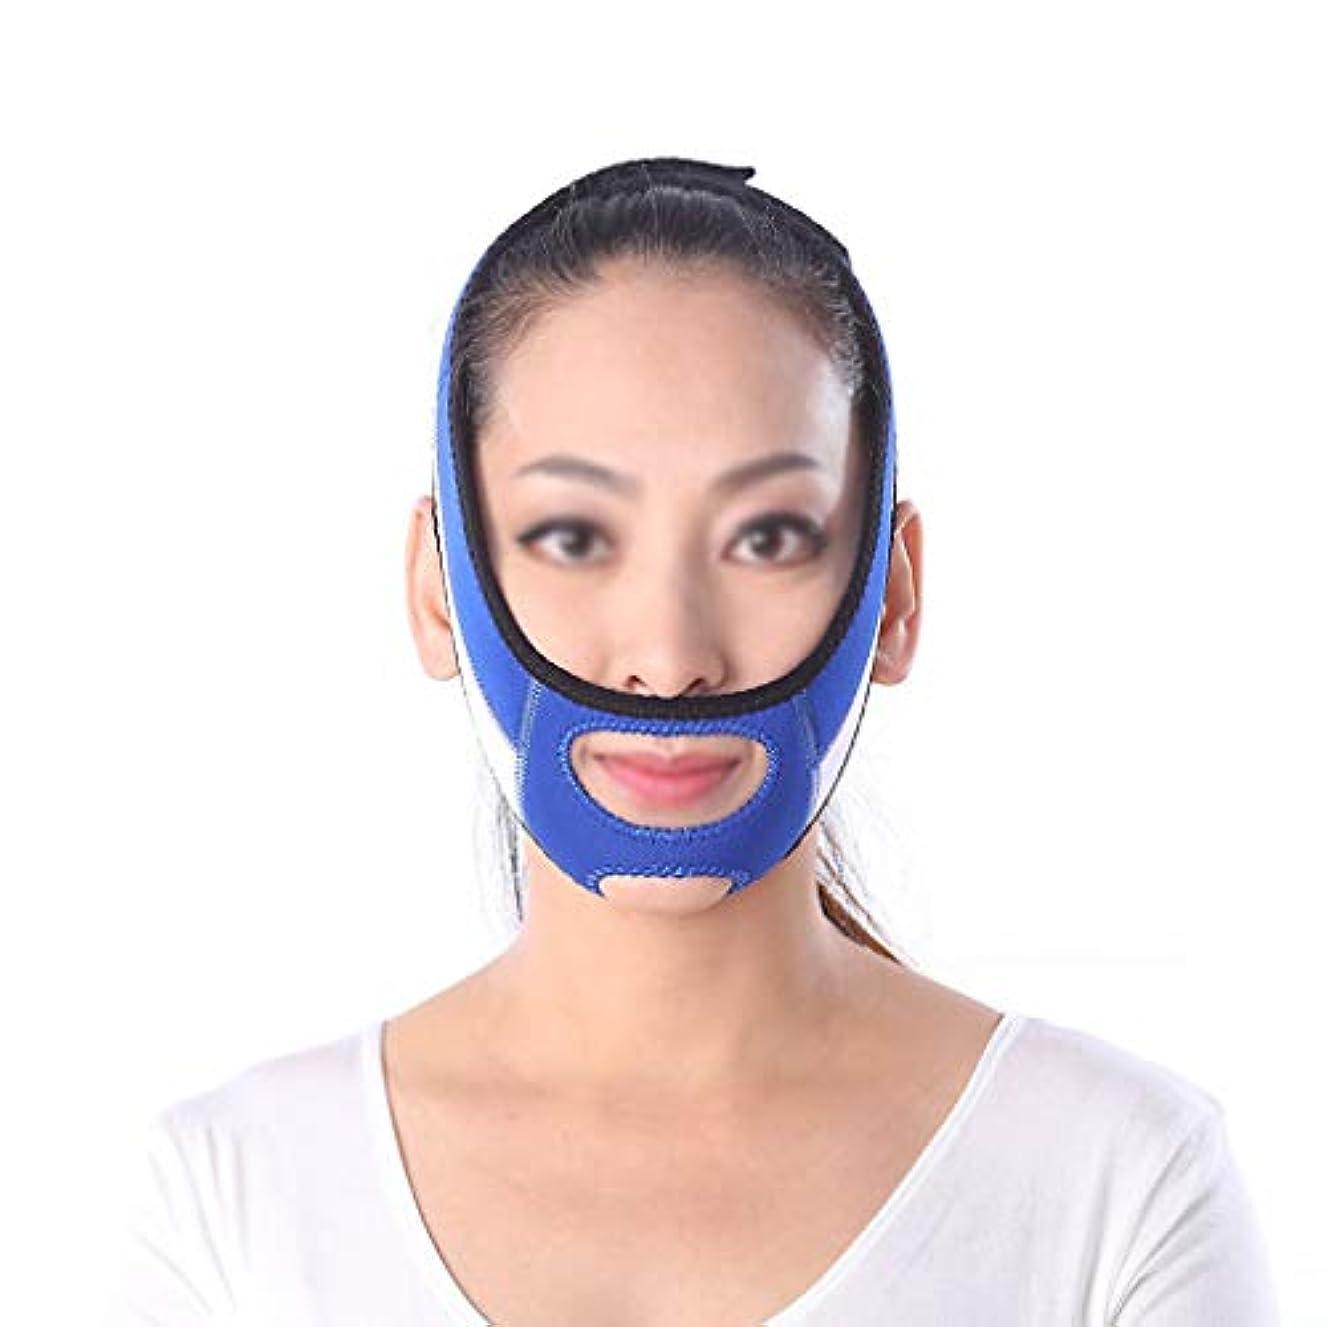 朝出身地マウスピースXHLMRMJ フェイスリフティング包帯、フェイスリフティングマスク、フェイスリフティング器具、二重あごケア減量、フェイシャルリフティングストラップ(フリーサイズ、ブルー)